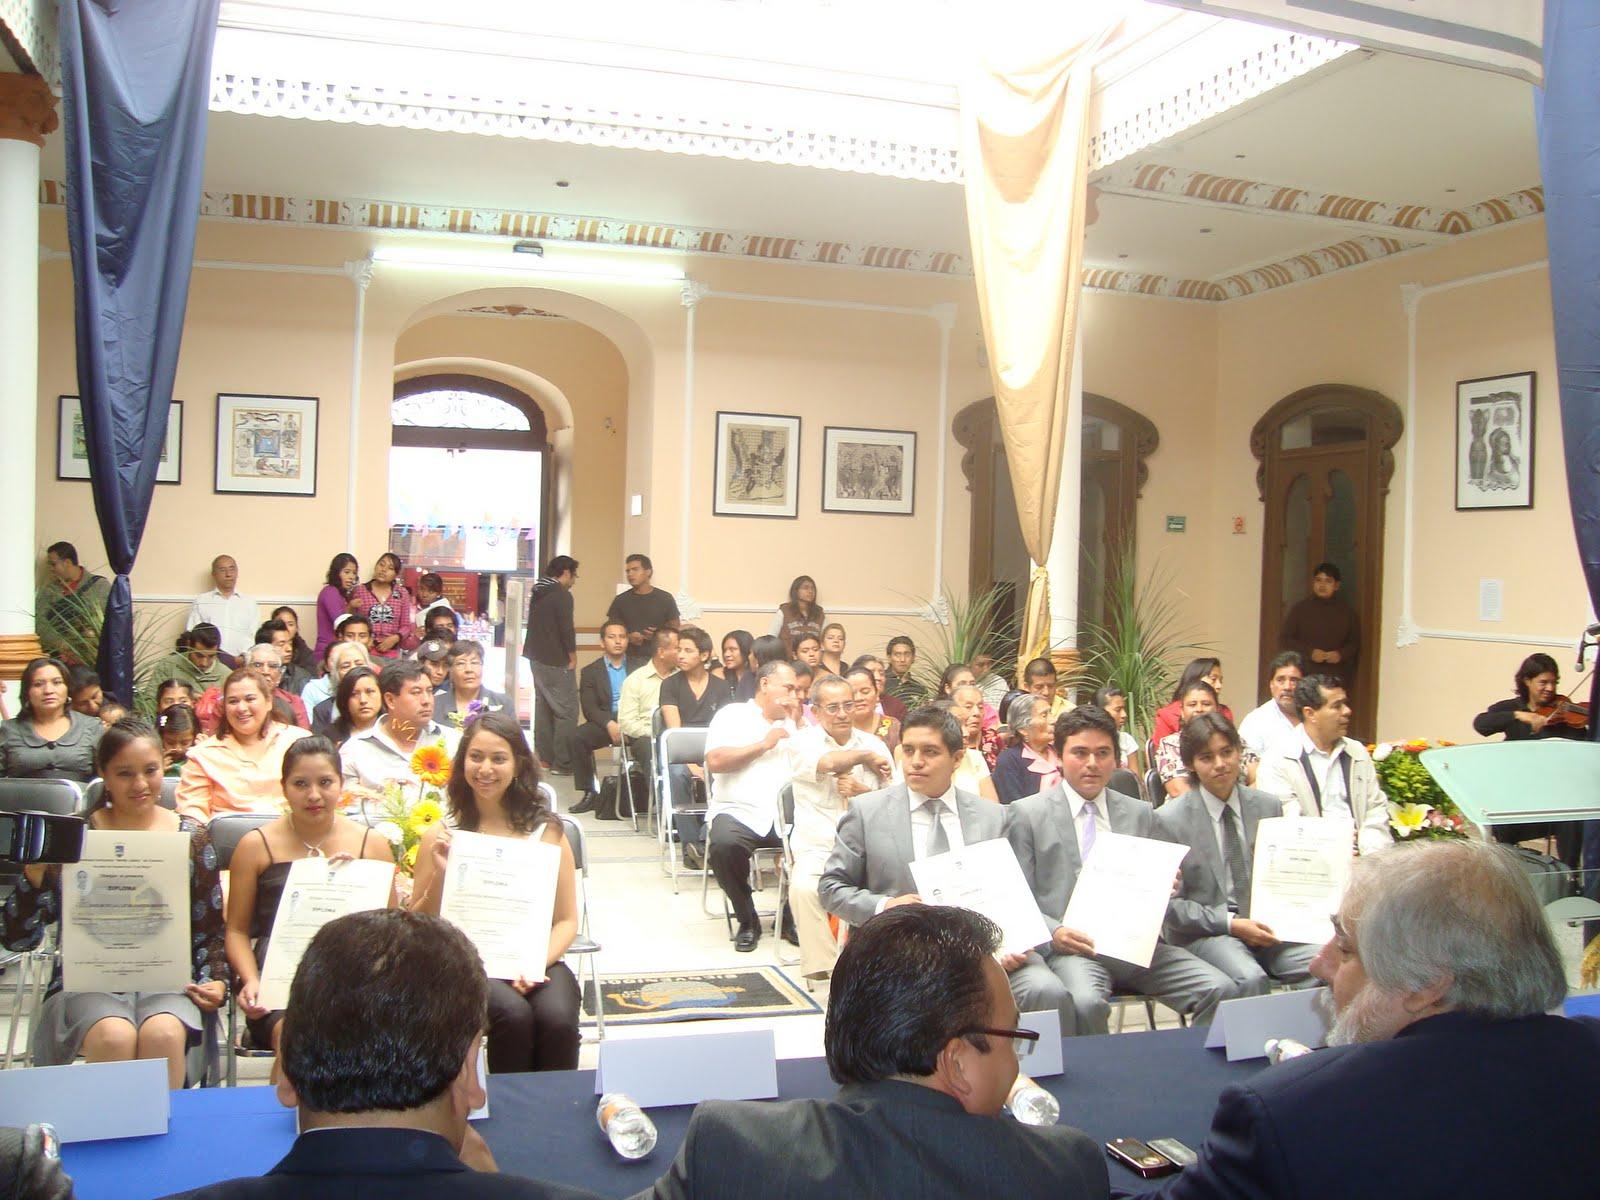 Facultad de arquitectura 5 de mayo de la uabjo egresa for Arquitectura 5 de mayo plan de estudios